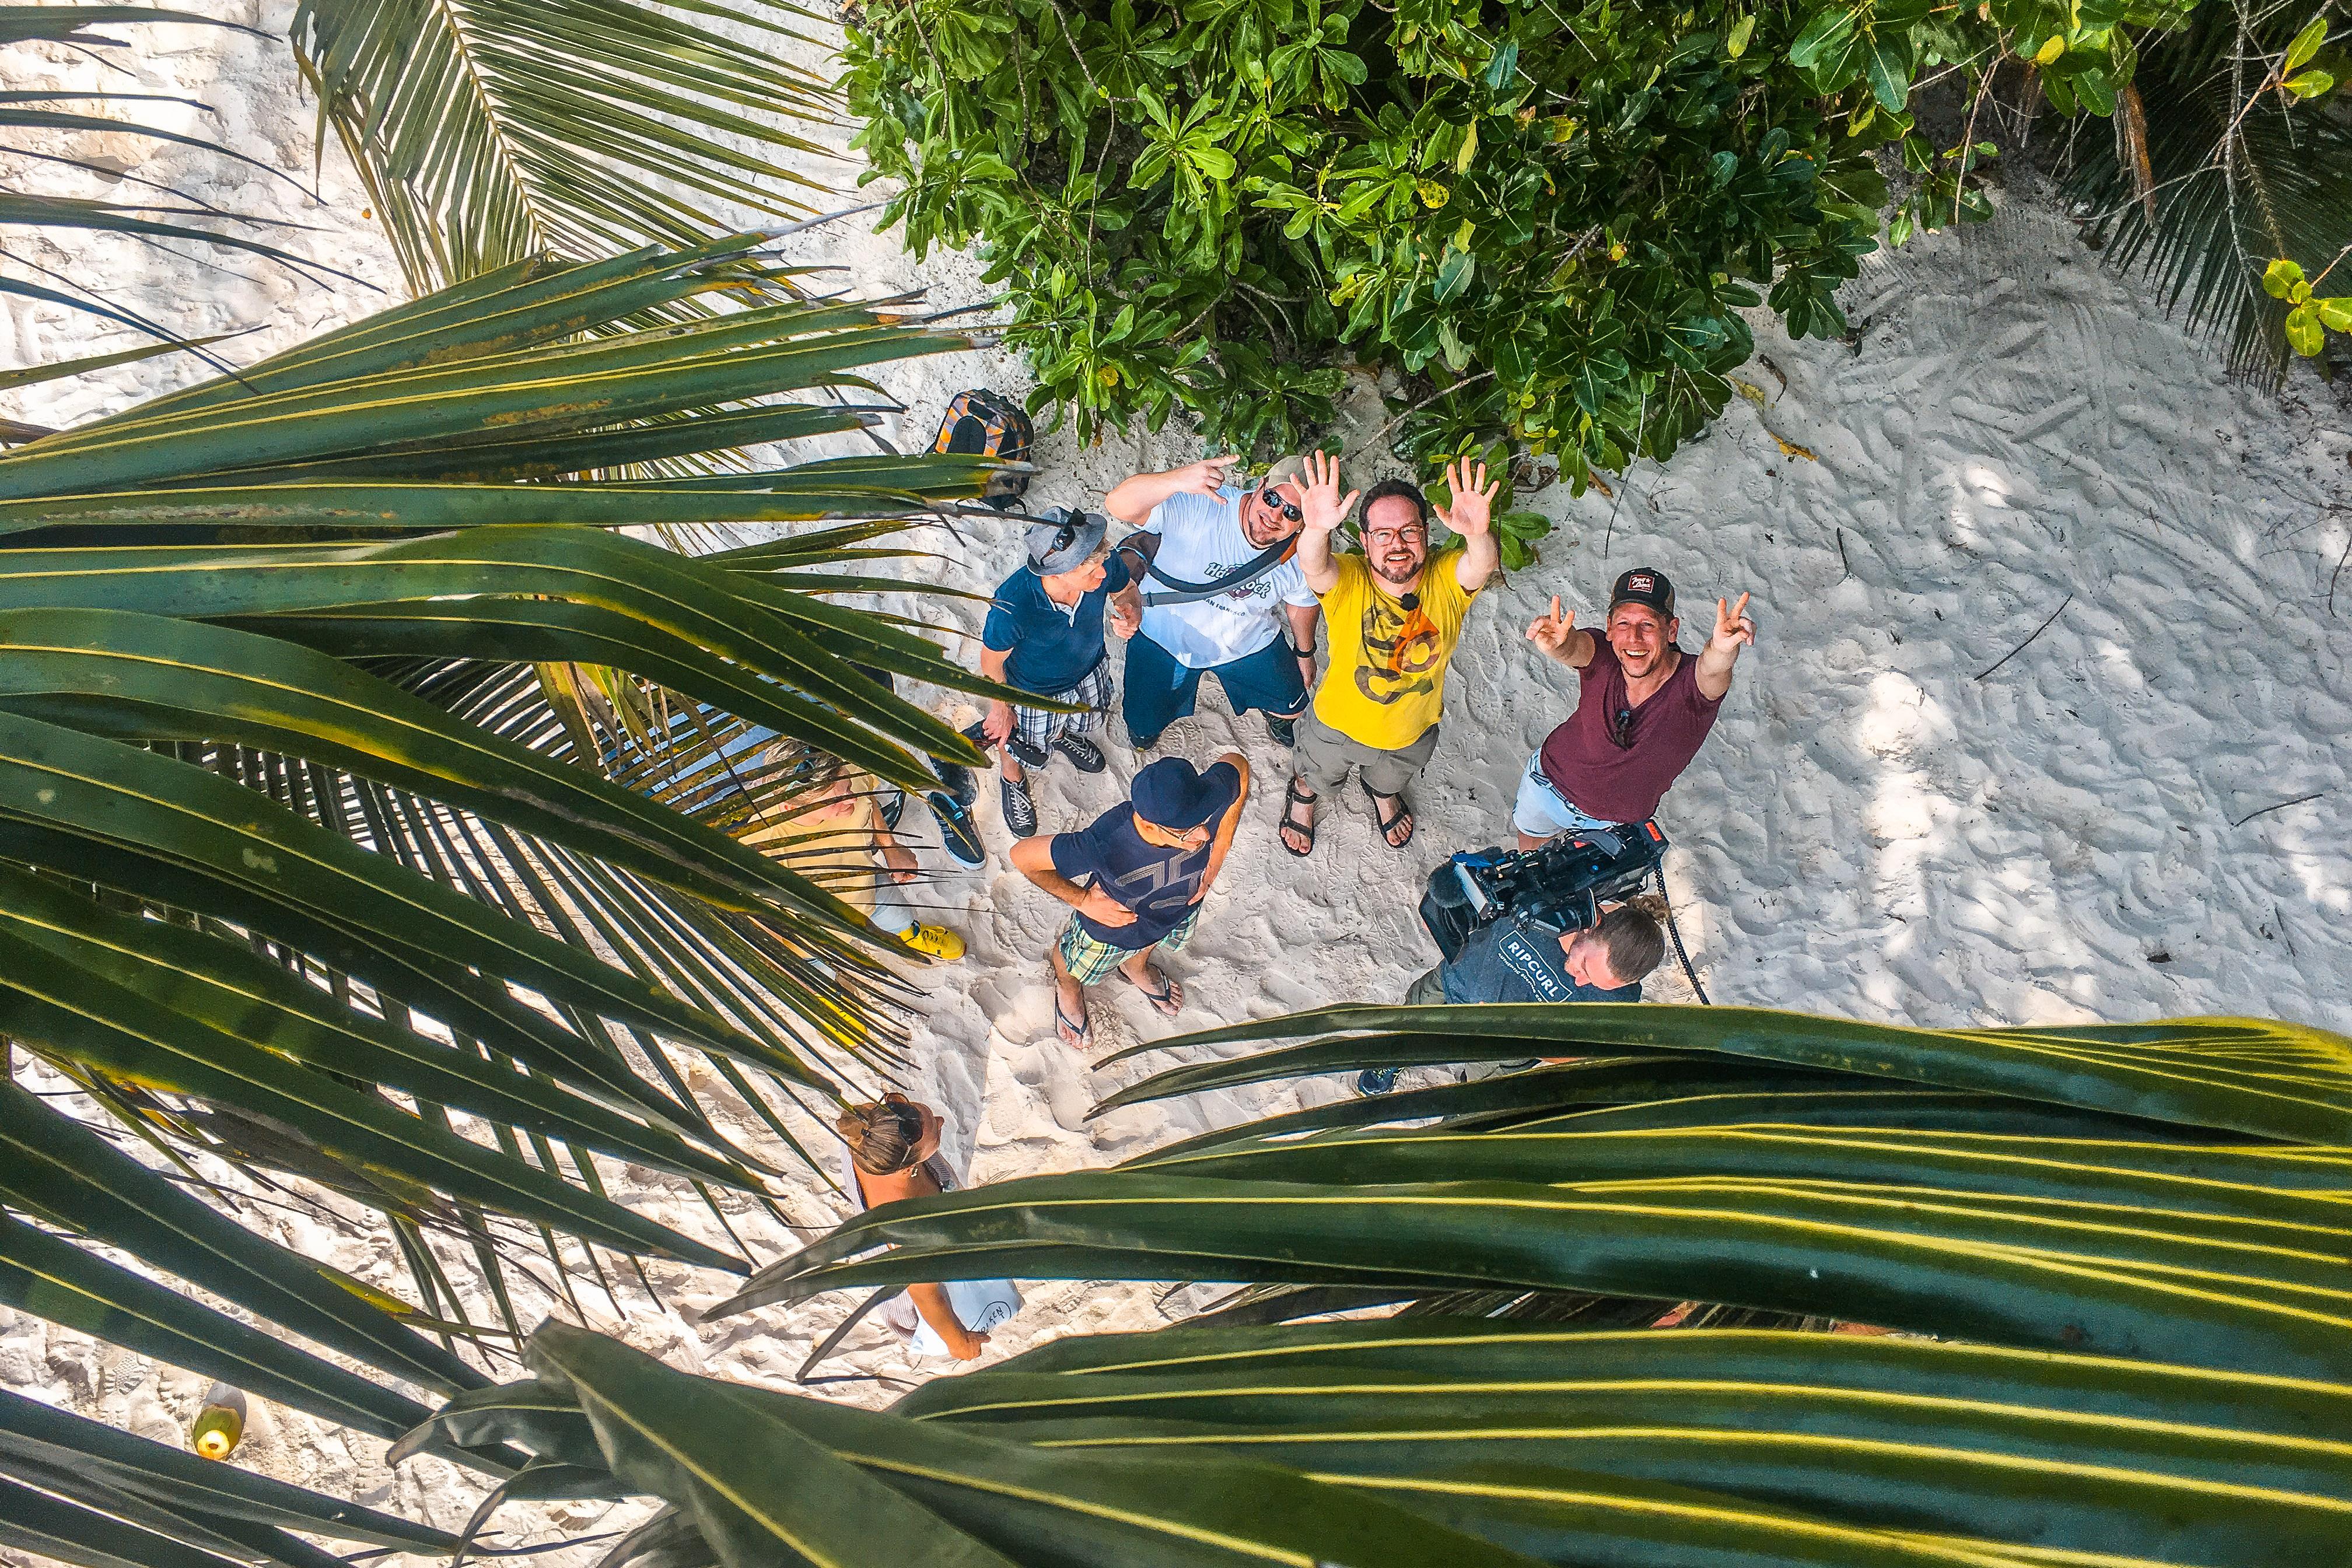 Auswandern Seychellen, Seychellen Expertin, Verrückt nach Meer, ARD, Bewegte Zeiten Filmproduktion, Seychellen, Wolkenweit, Viva Voce